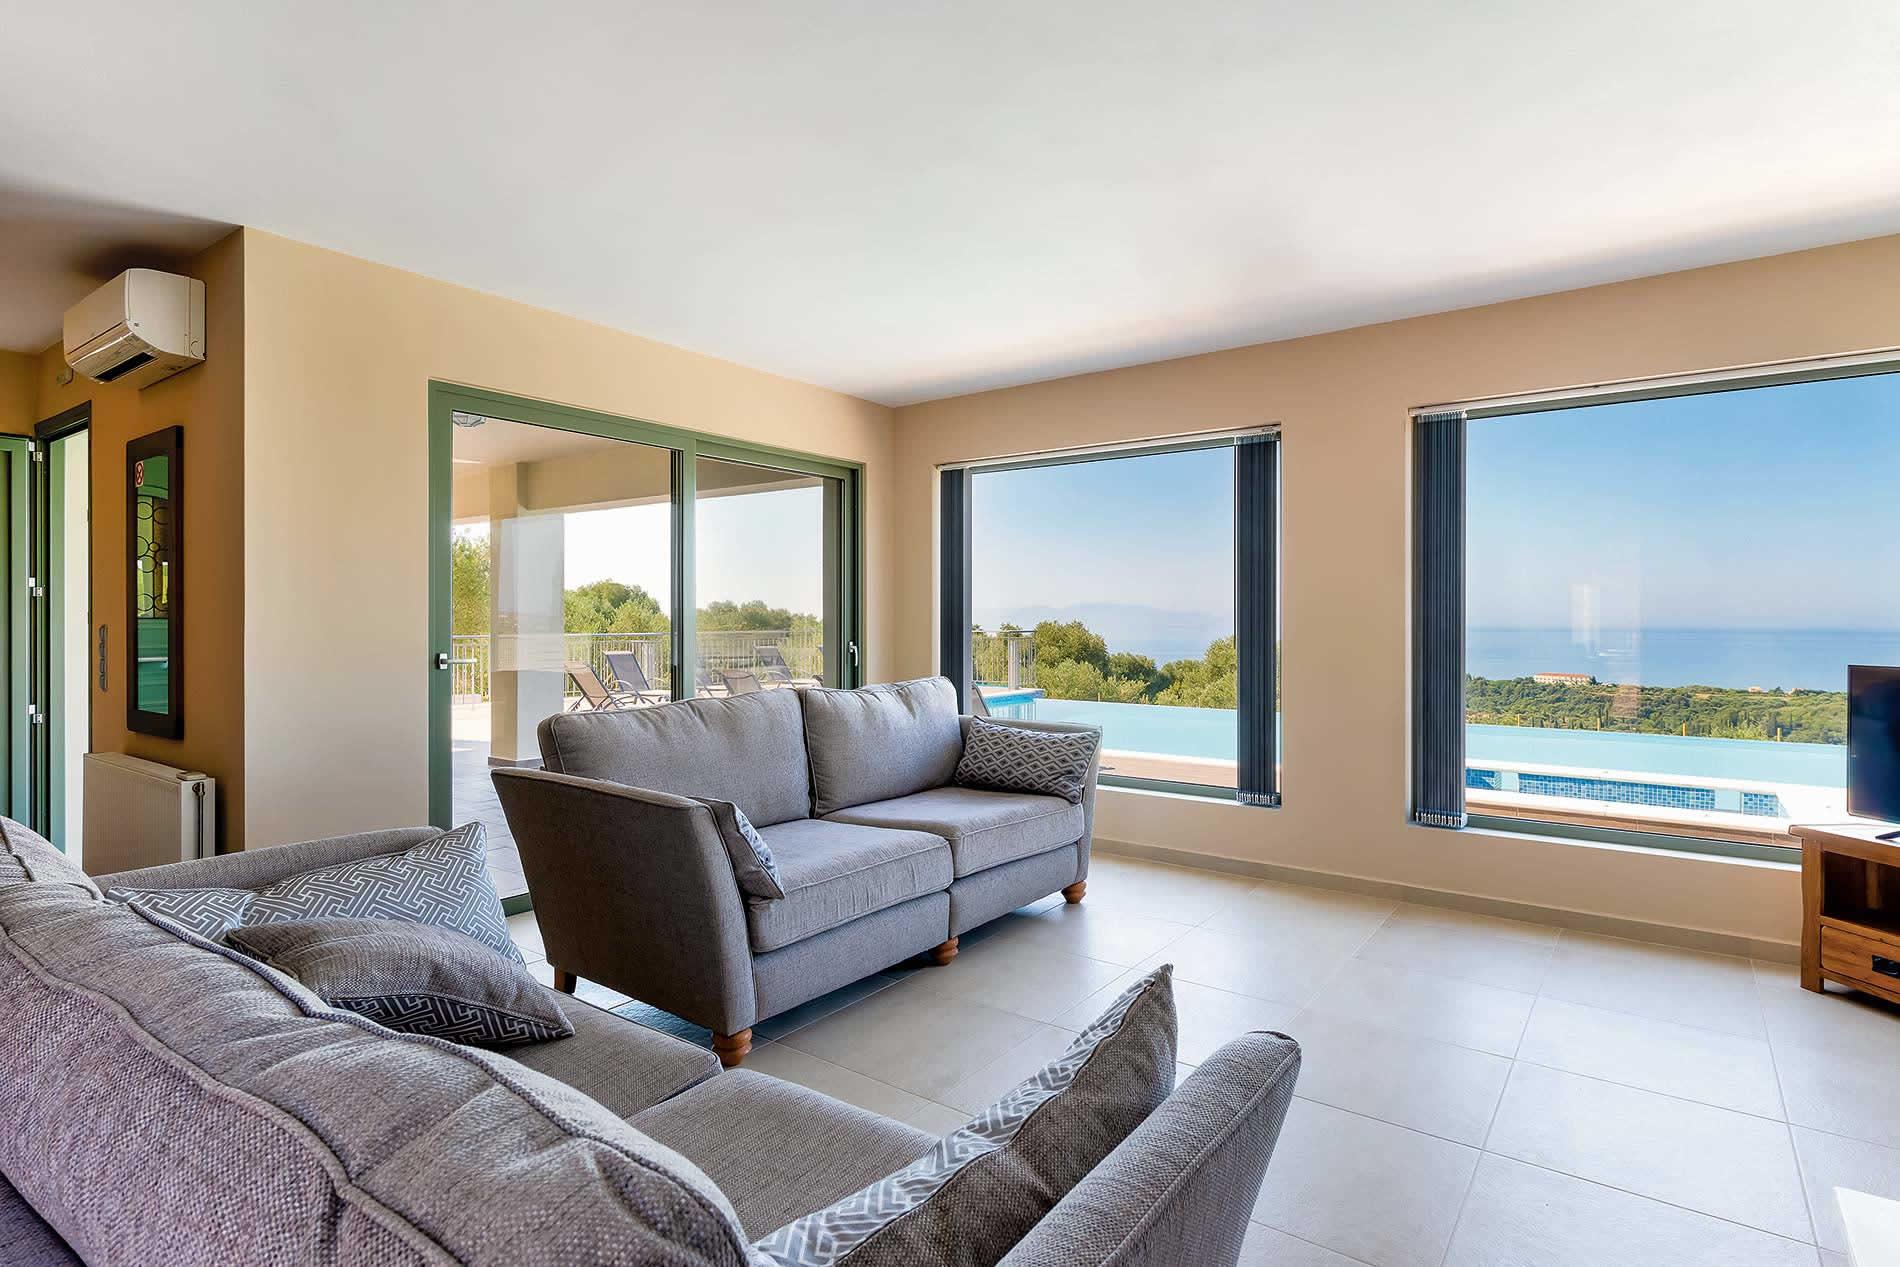 Villa Pagoni in Trapezaki - sleeps 8 people